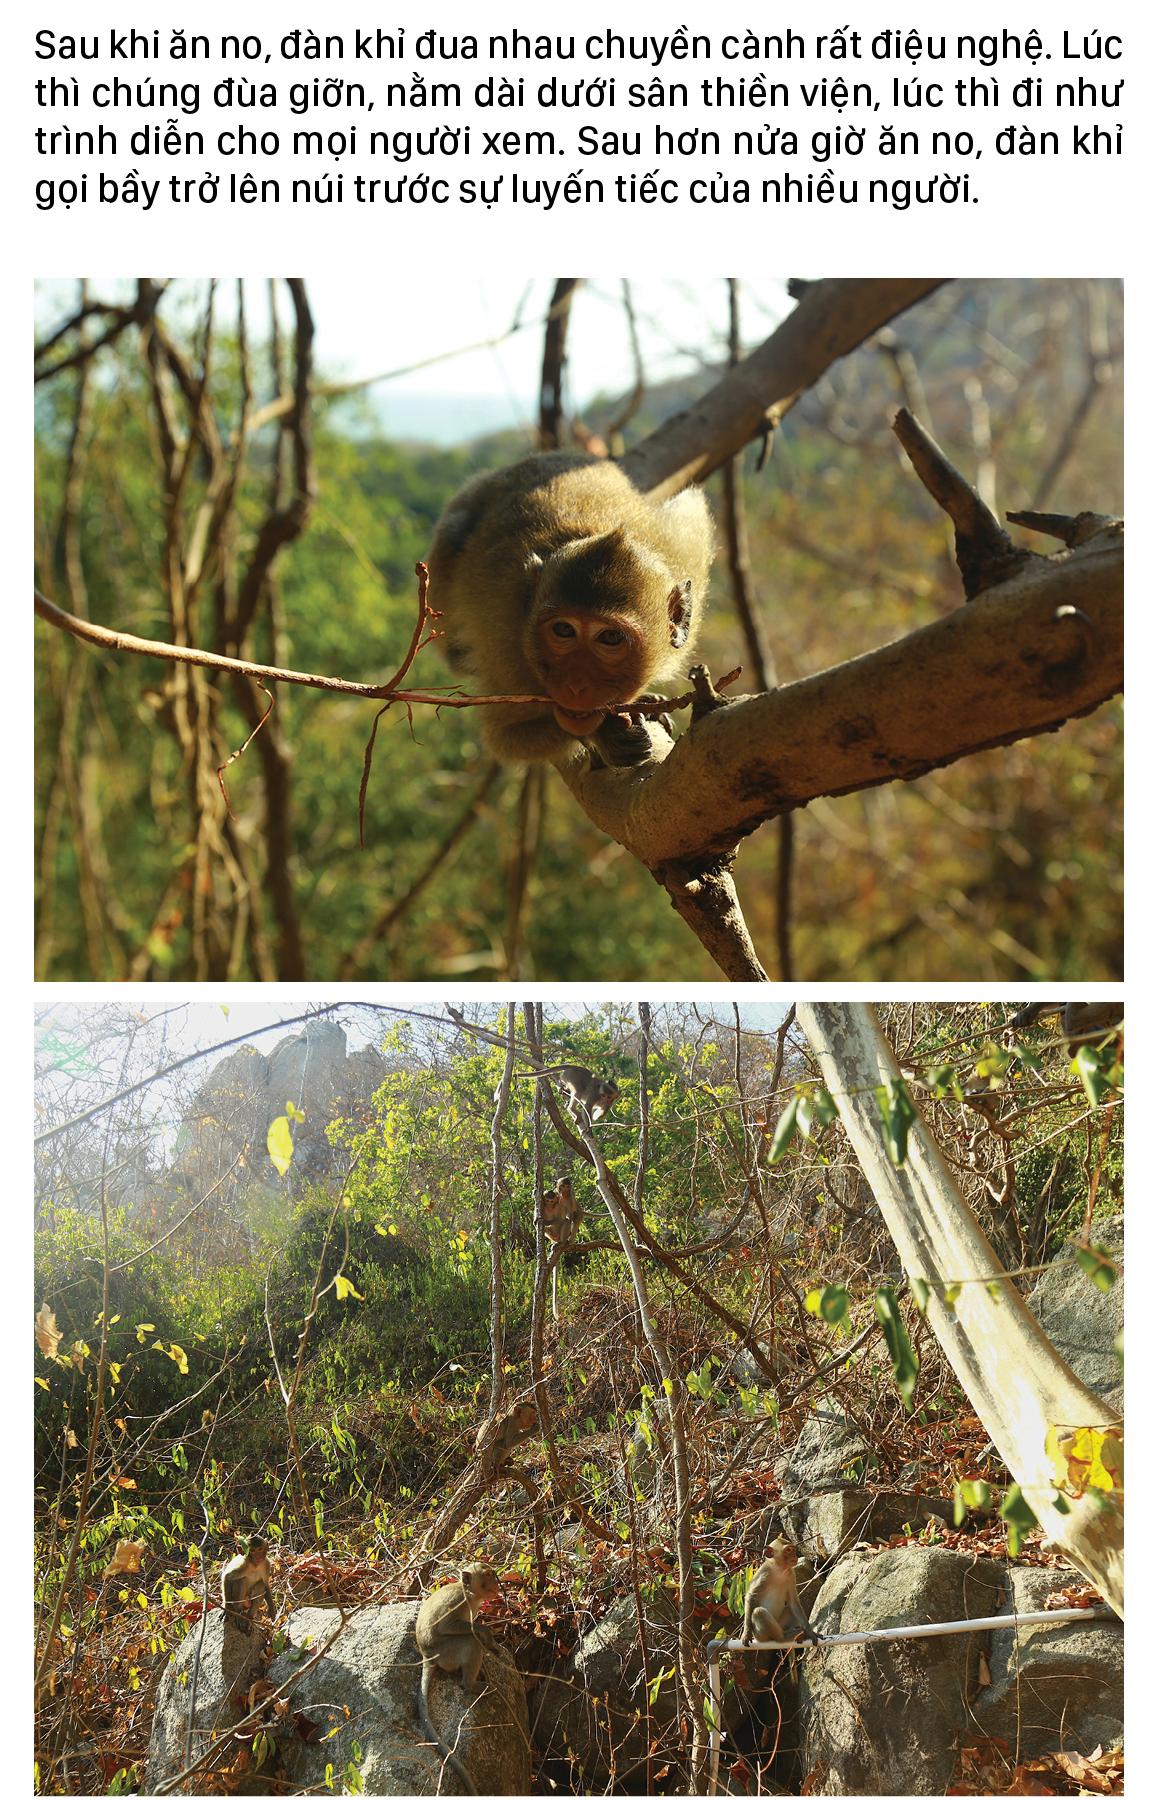 Đàn khỉ sống thân thiện với con người dưới chân núi Kỳ Vân ảnh 15